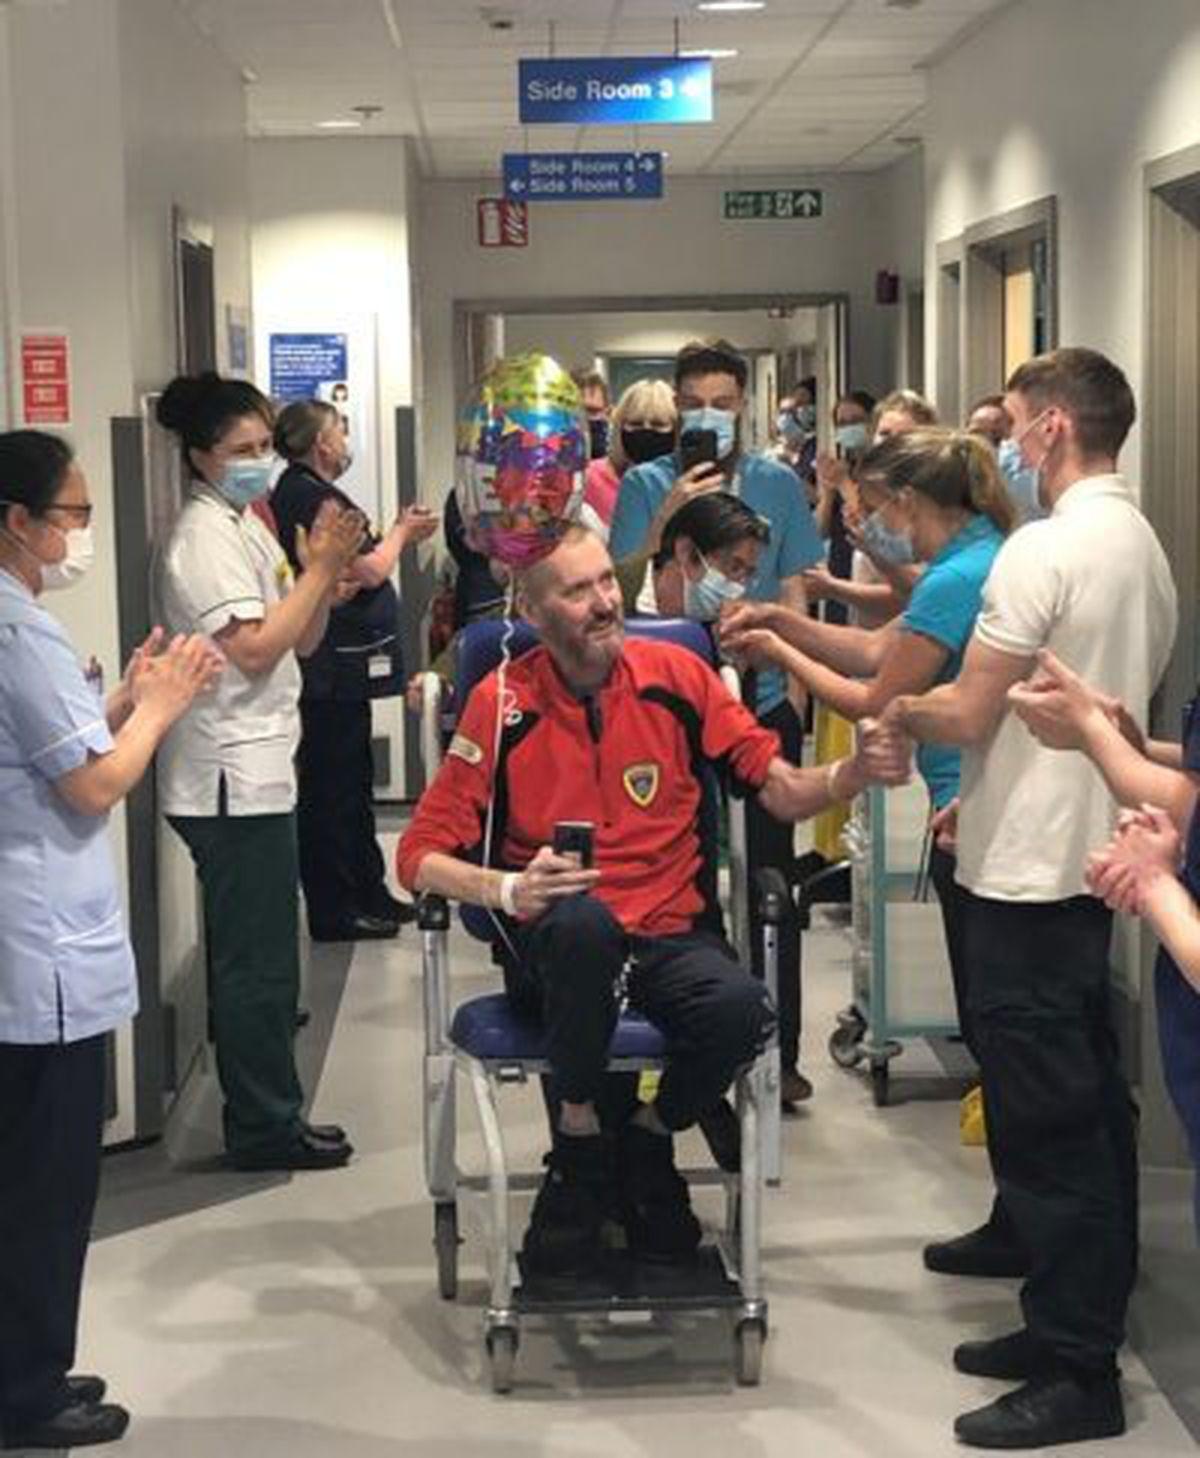 Stuart Tyrer was applauded as he left hospital on Thursday